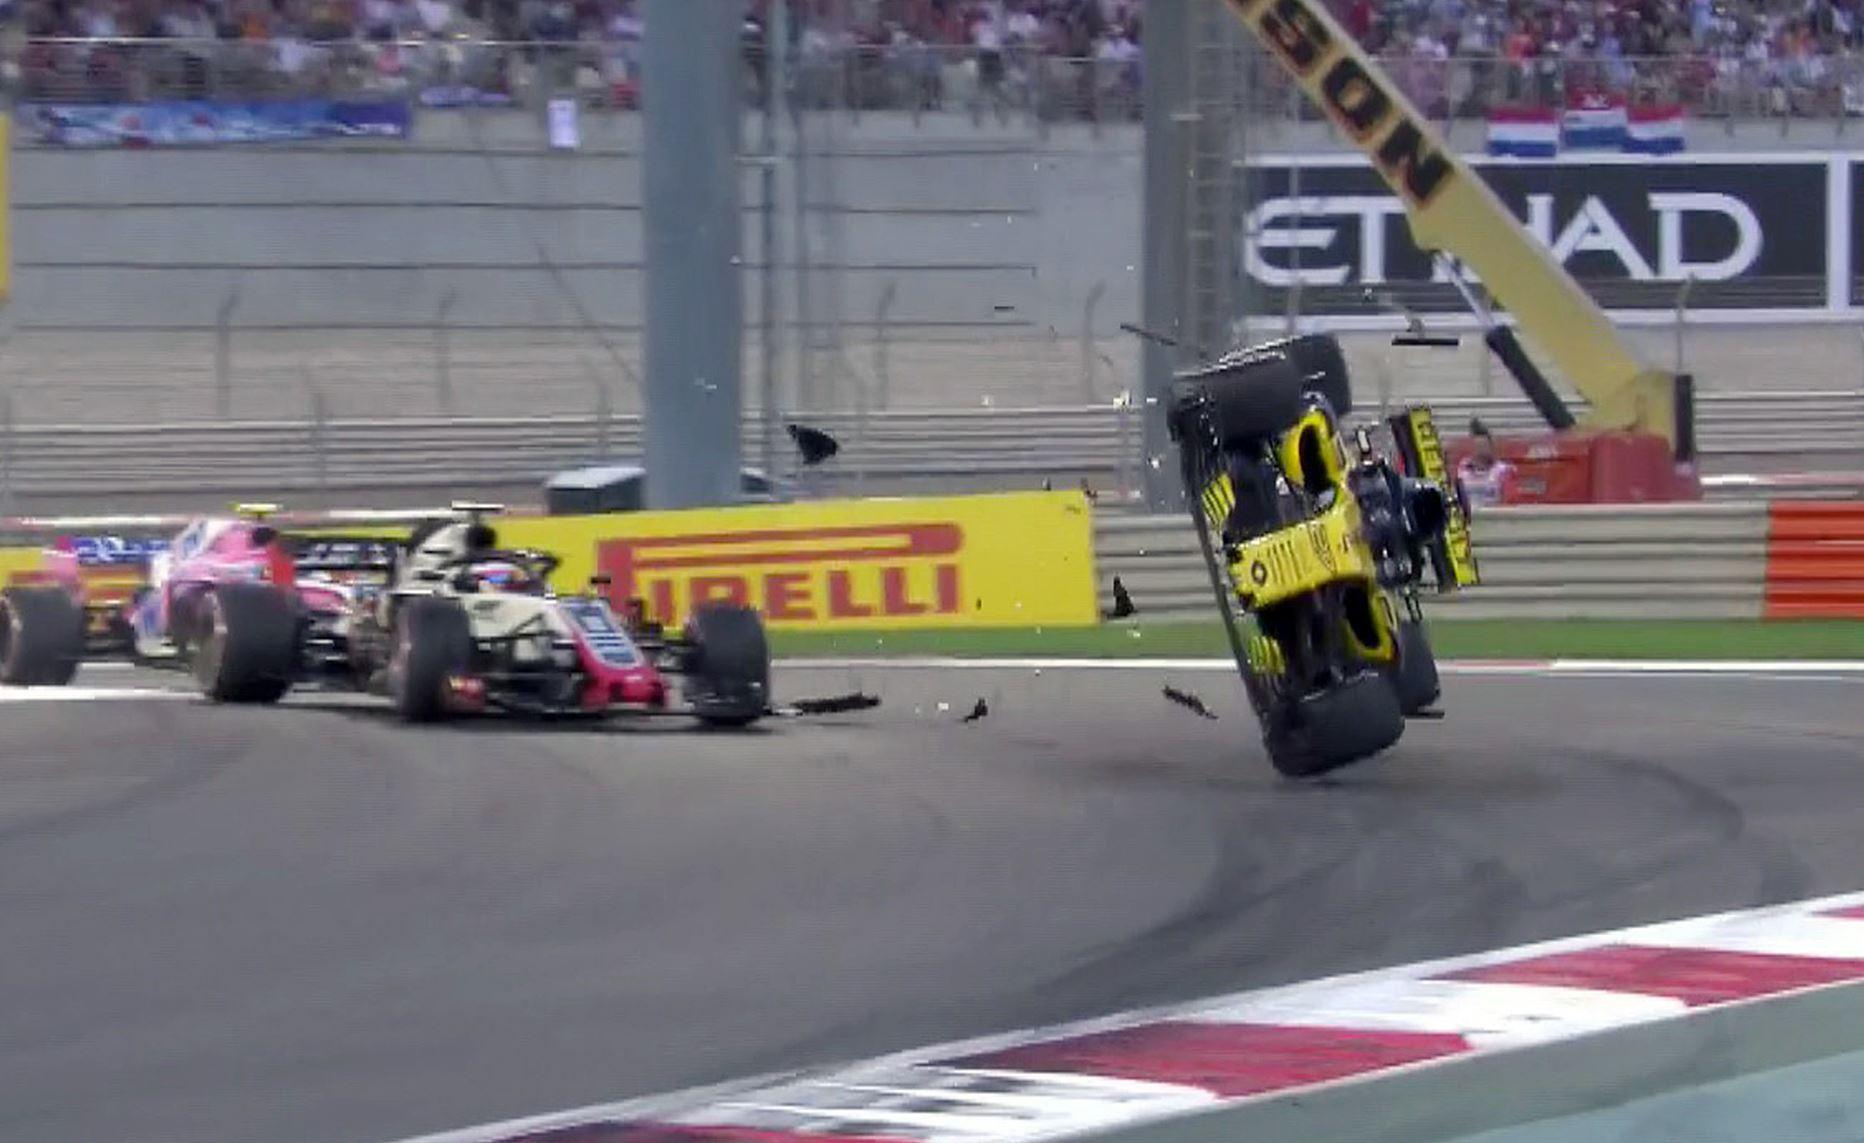 Nico Hulkenburg suffered a horror crash early in the Abu Dhabi Grand Prix